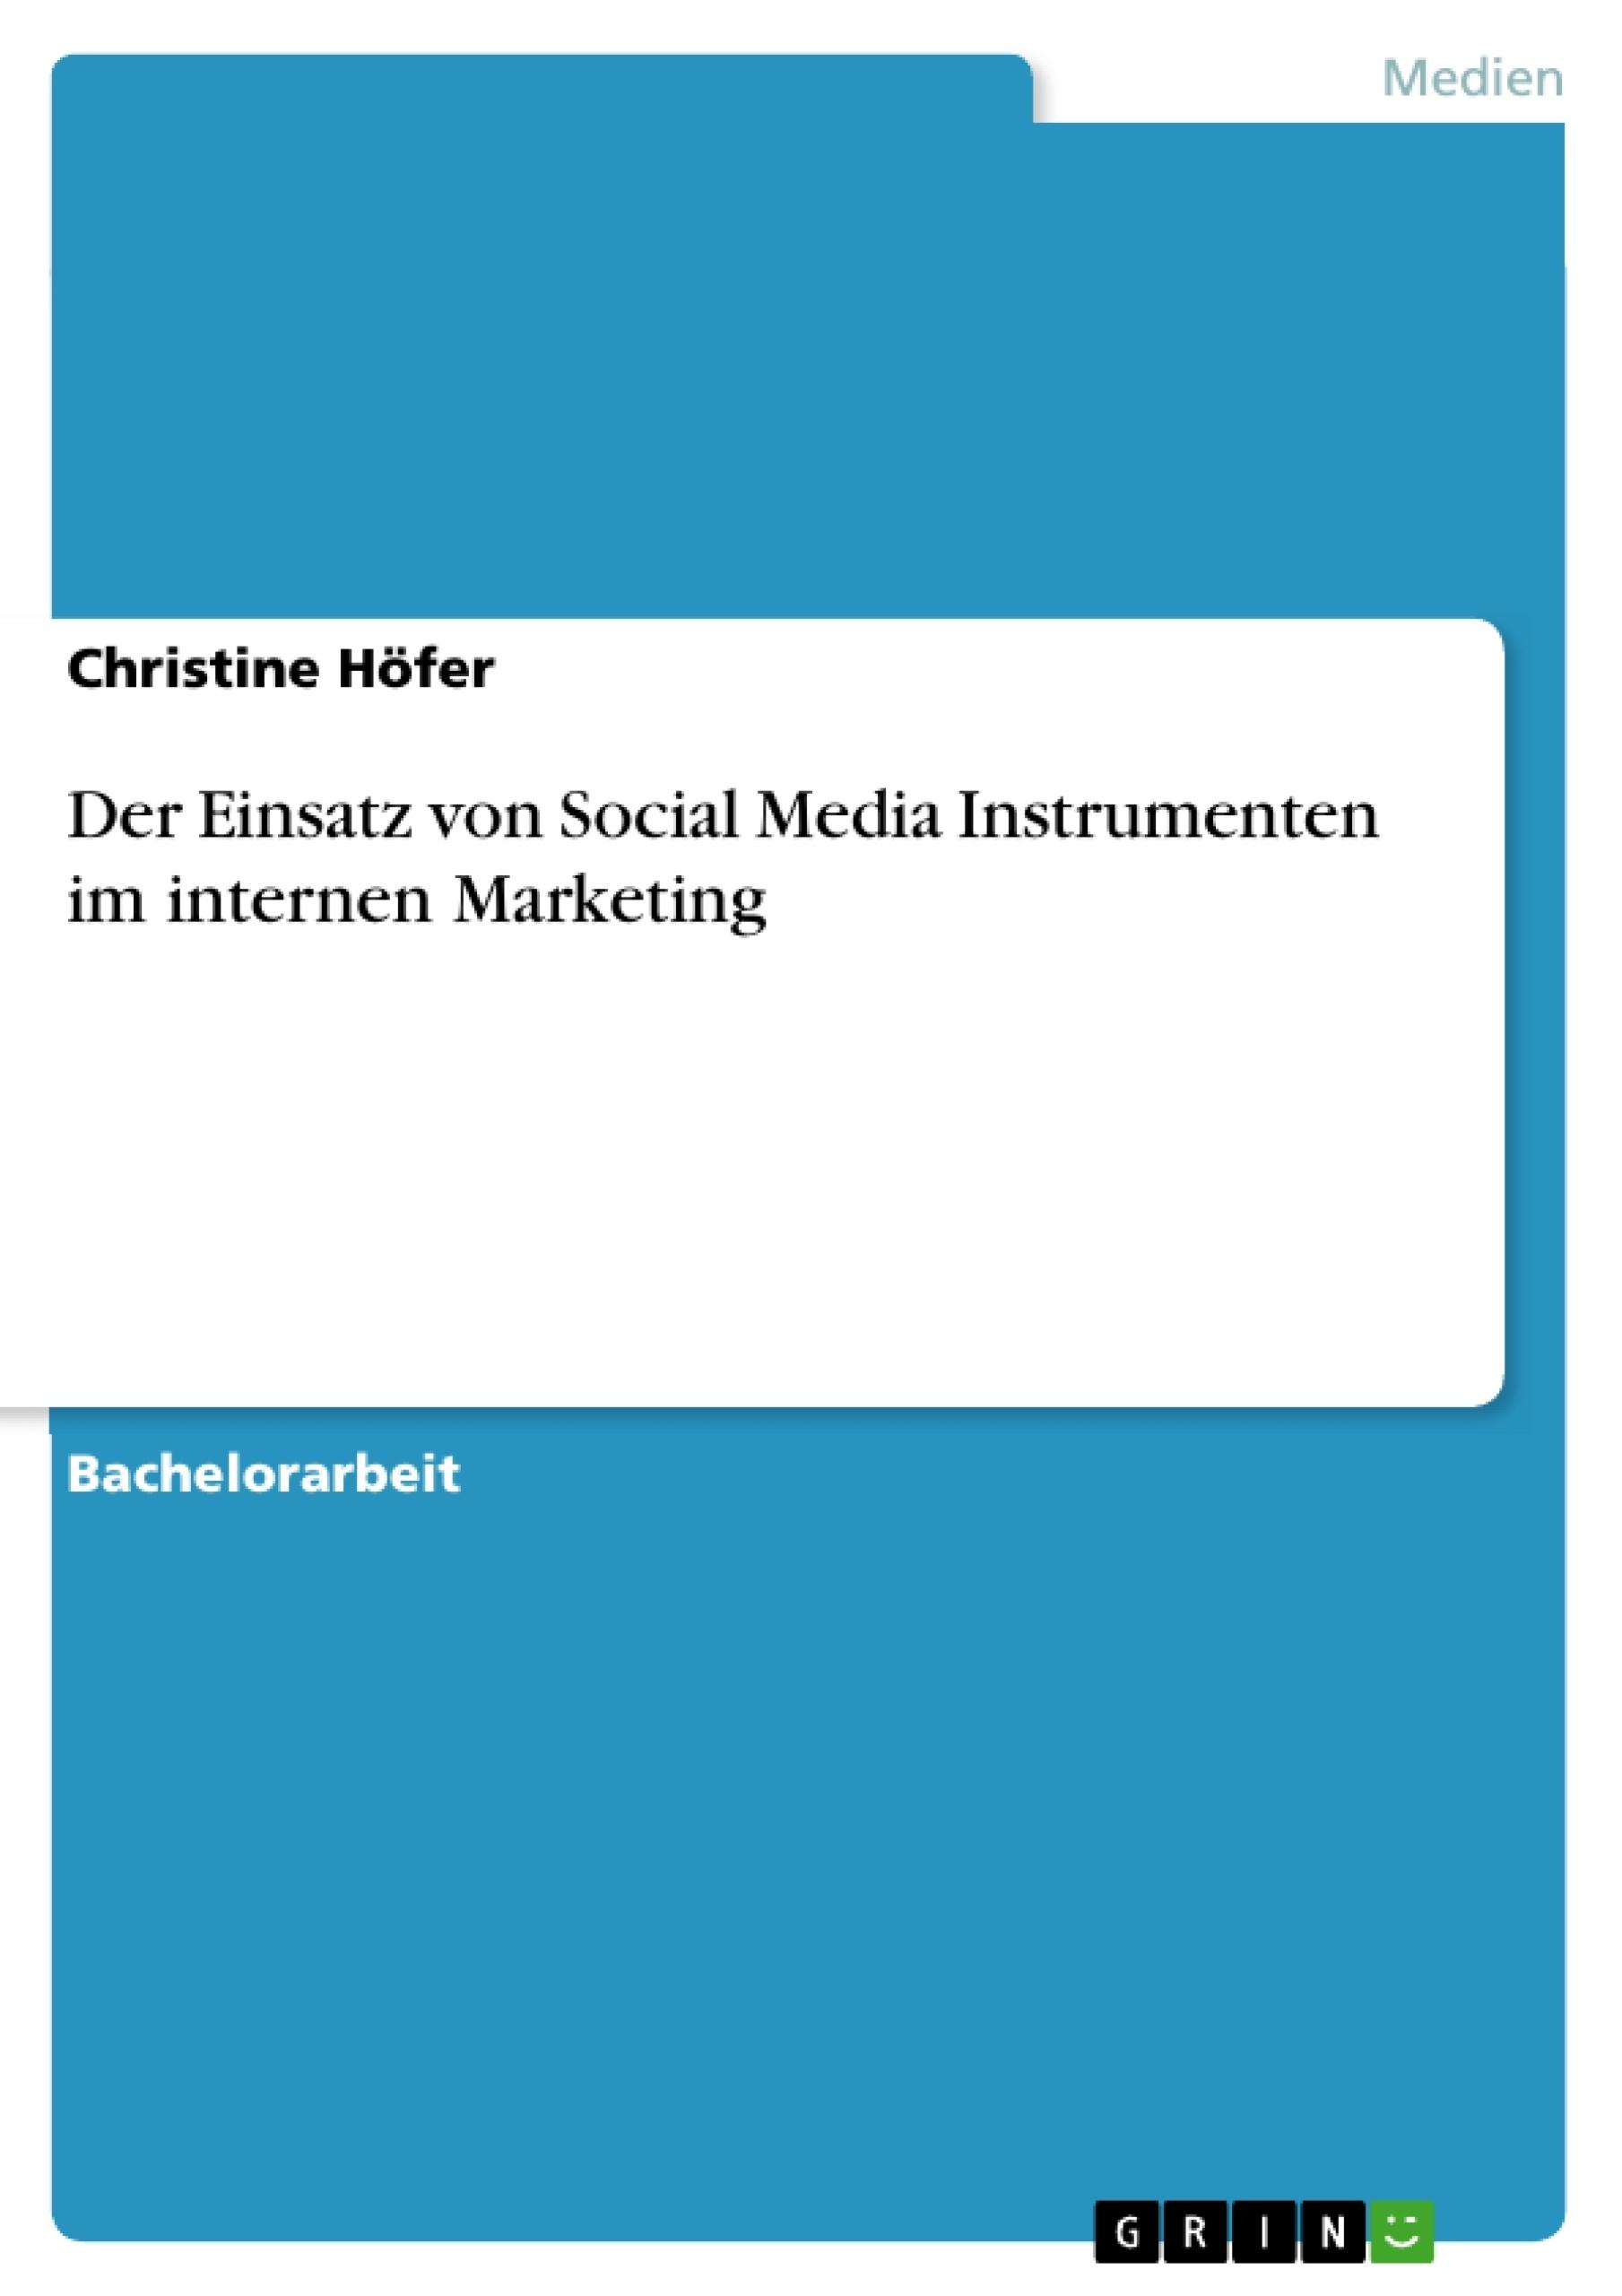 Titel: Der Einsatz von Social Media Instrumenten im internen Marketing